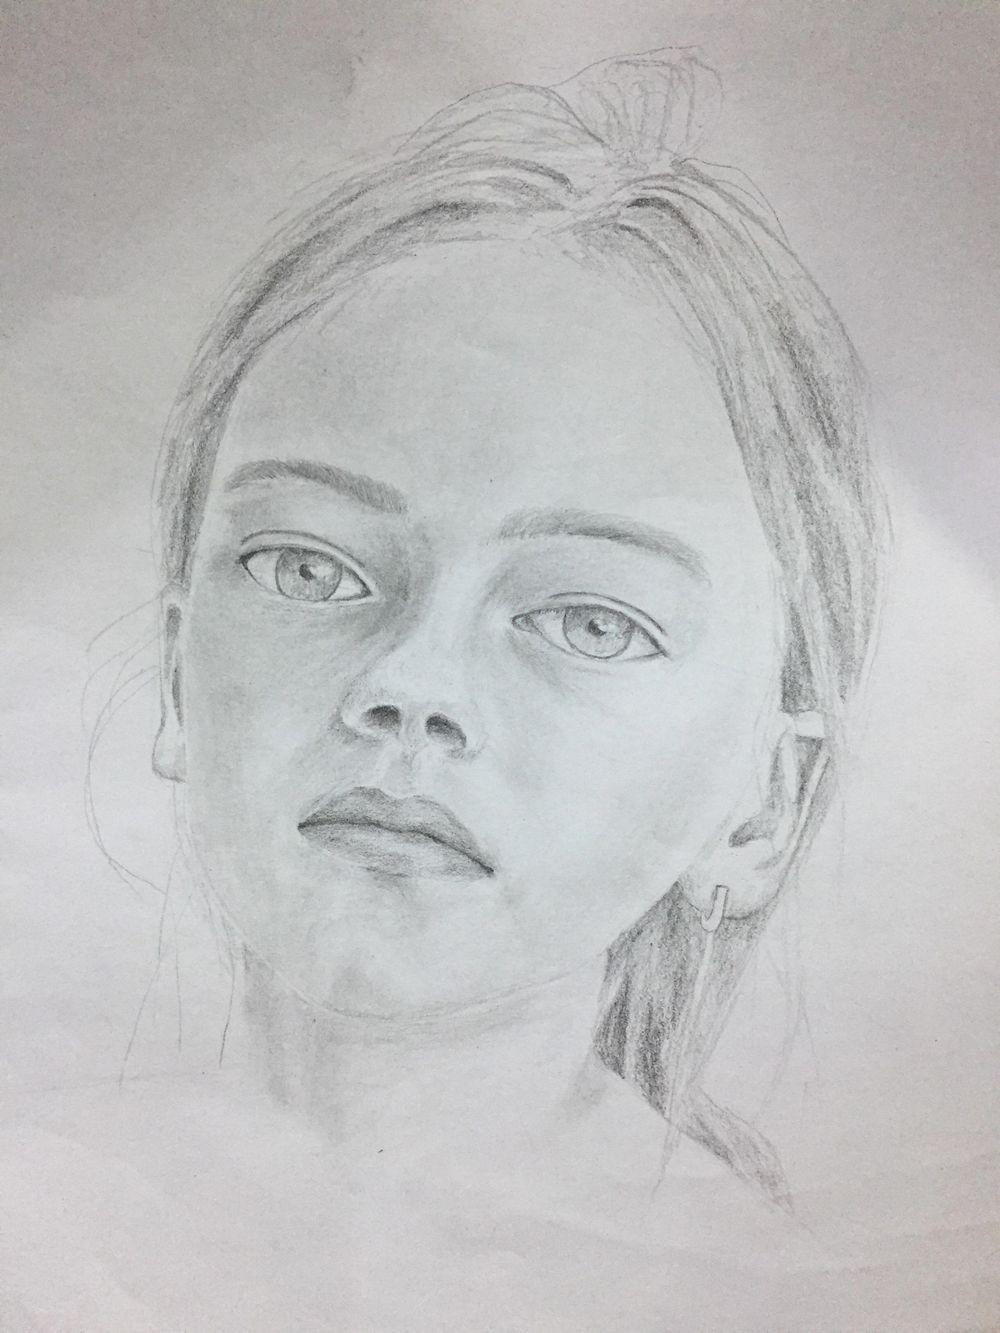 Portrait - image 1 - student project